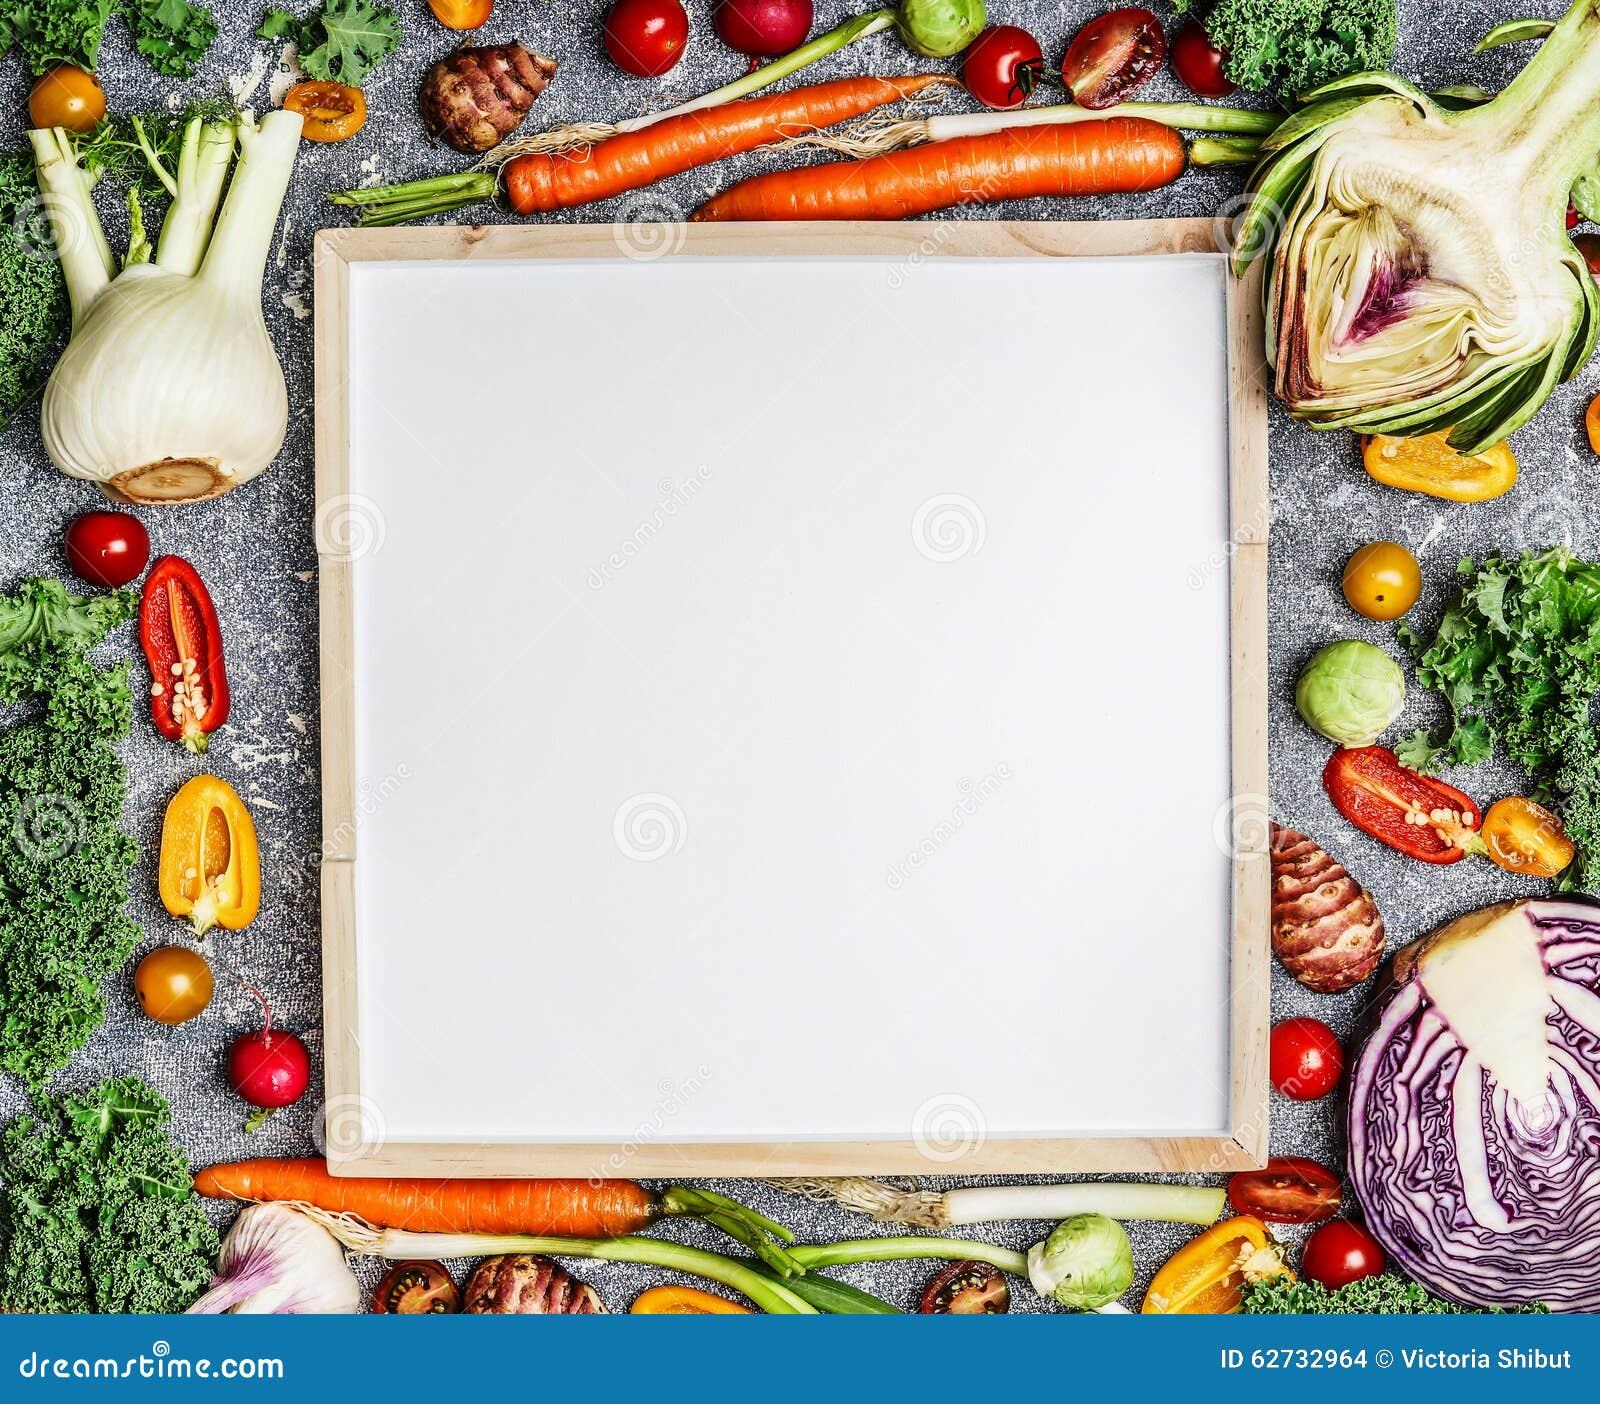 Alimento do vegetariano, saúde e fundo da nutrição da dieta com variedade de vegetais frescos da exploração agrícola em torno de